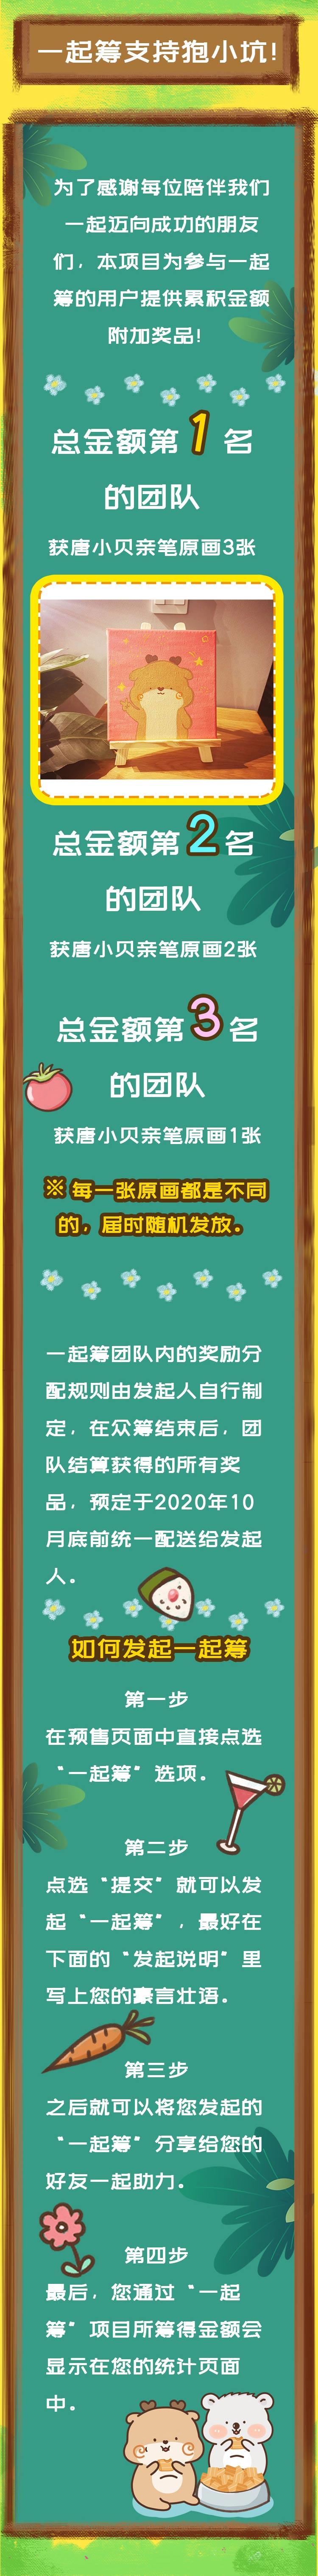 徽章串图_05.jpg